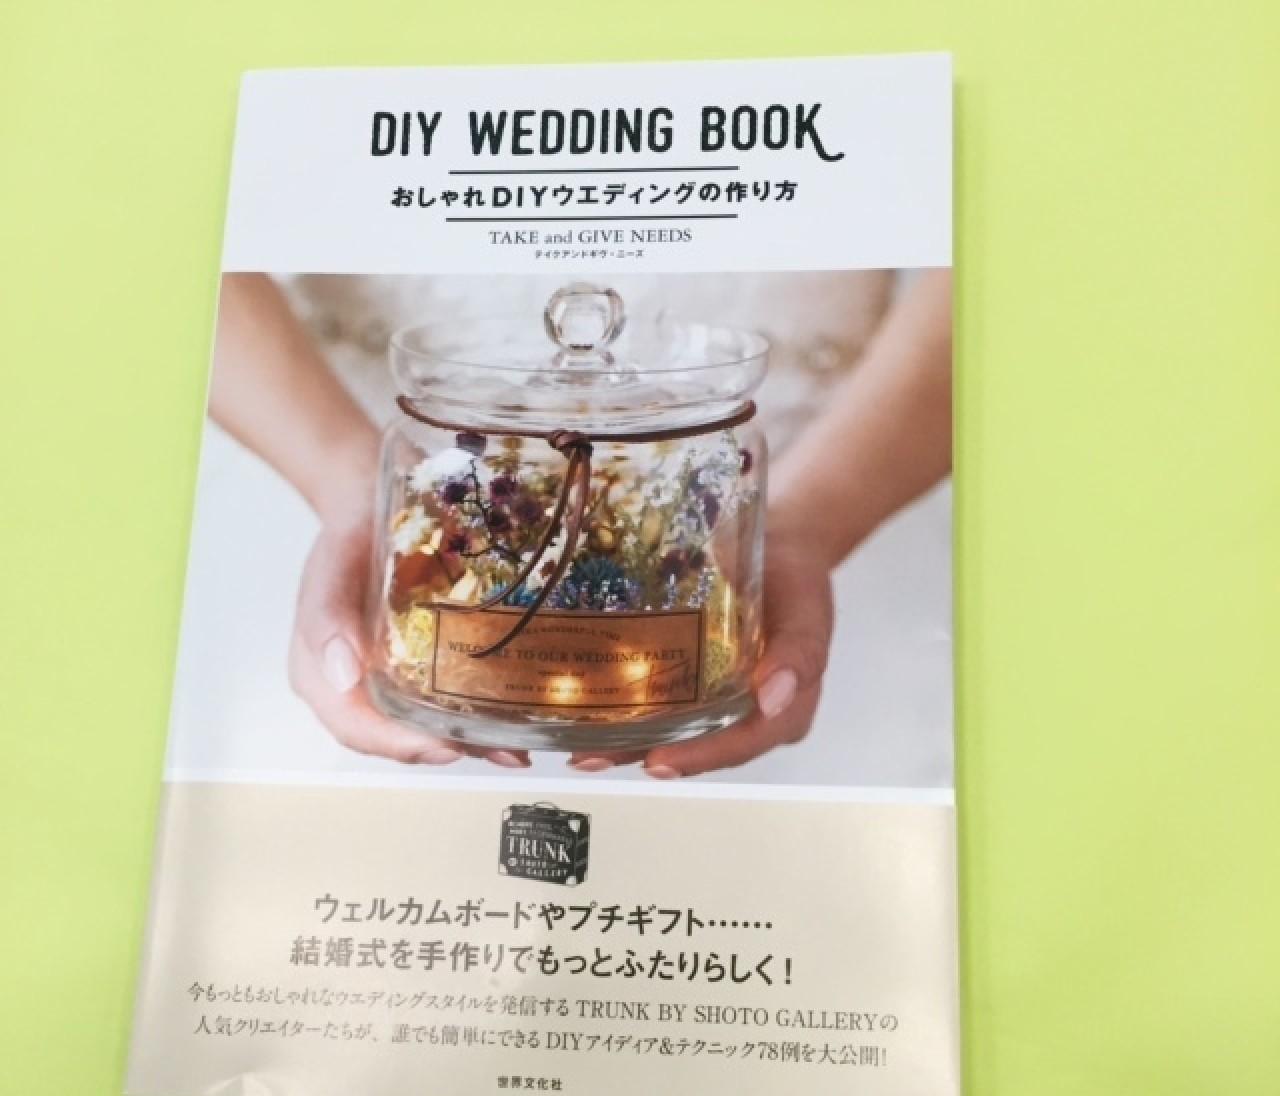 【プレ花】大人気の「TRUNK」のクリエイターによるDIY本がおしゃれすぎる!